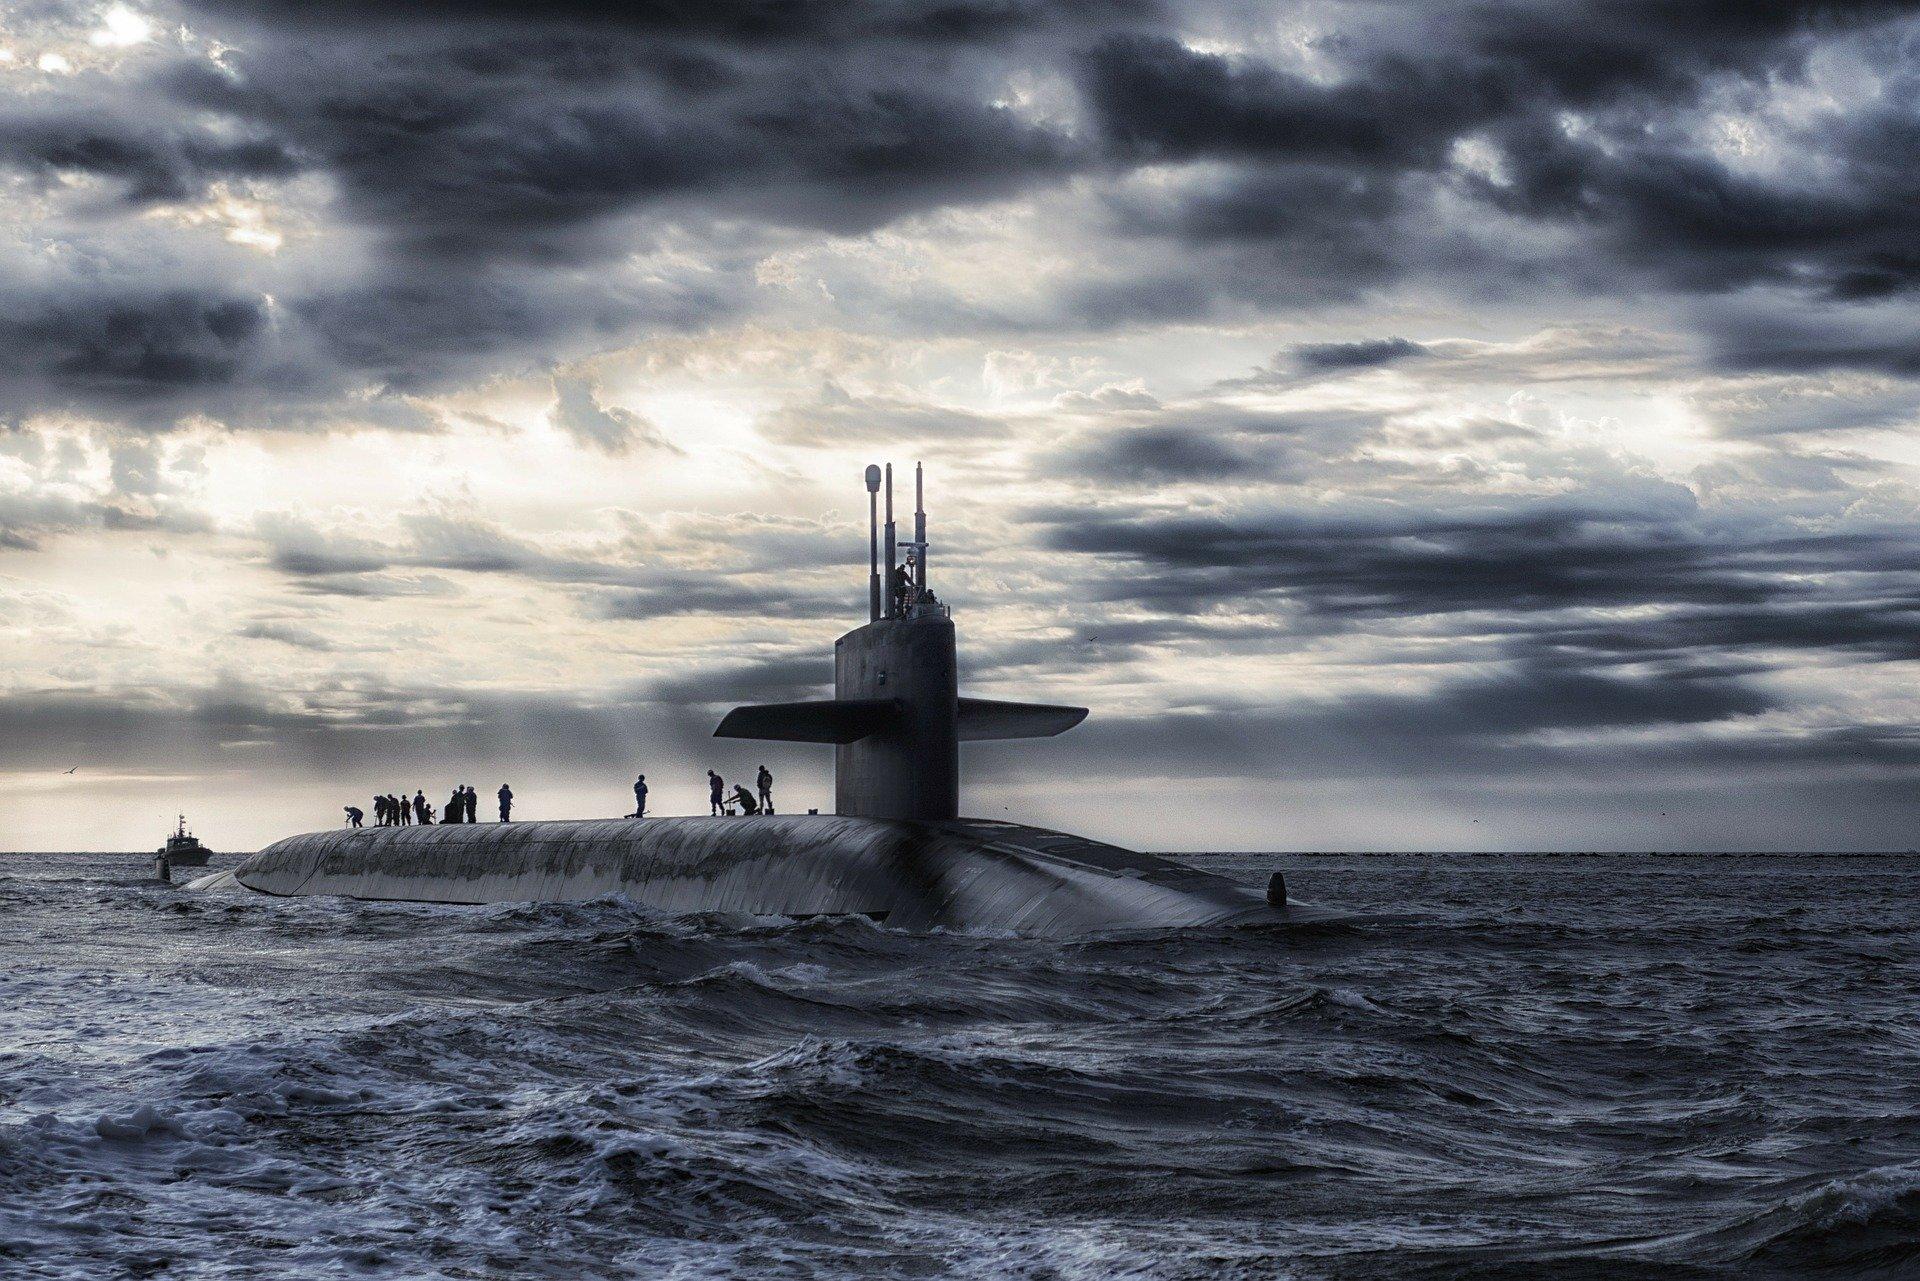 СМИ Австрии: Путин начинает крупнейшие подводные военные учения со времён холодной войны